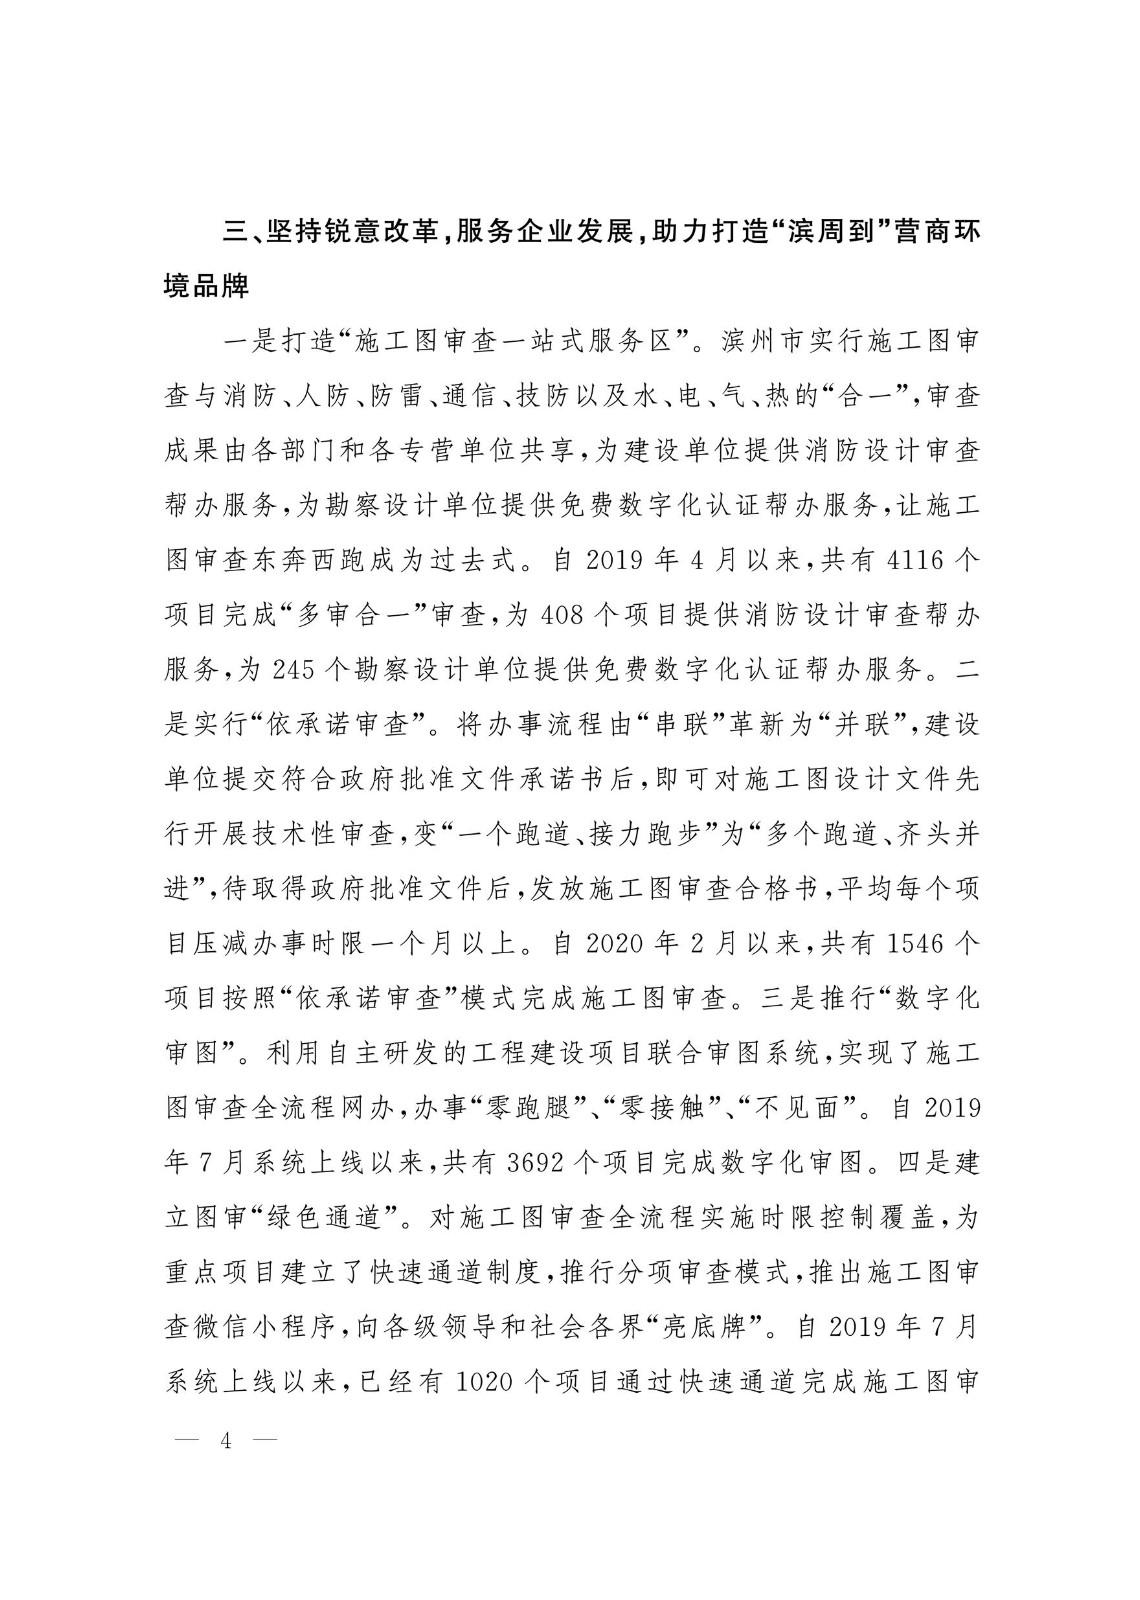 山东省住房和城乡建设厅关于印发滨州市施工图审查服务经验做法的通知_4.jpg